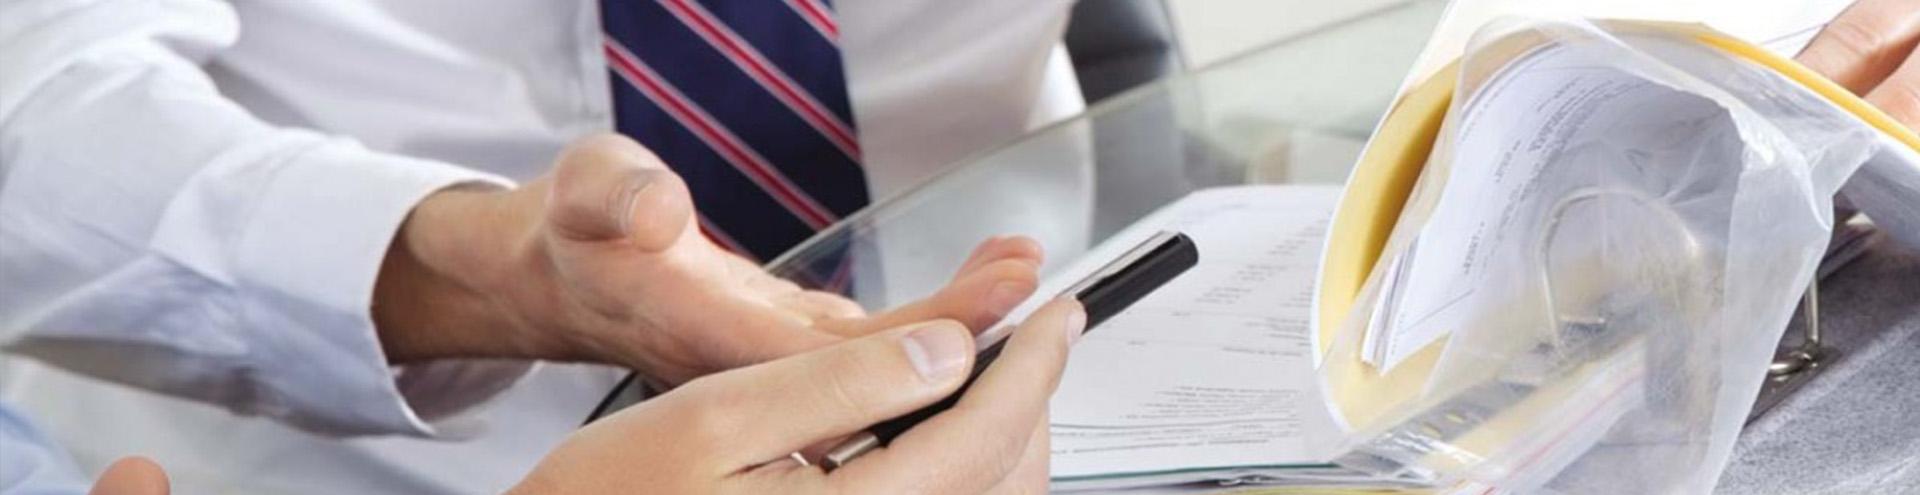 Документы на банкротство юридического лица в Самаре и Самарской области